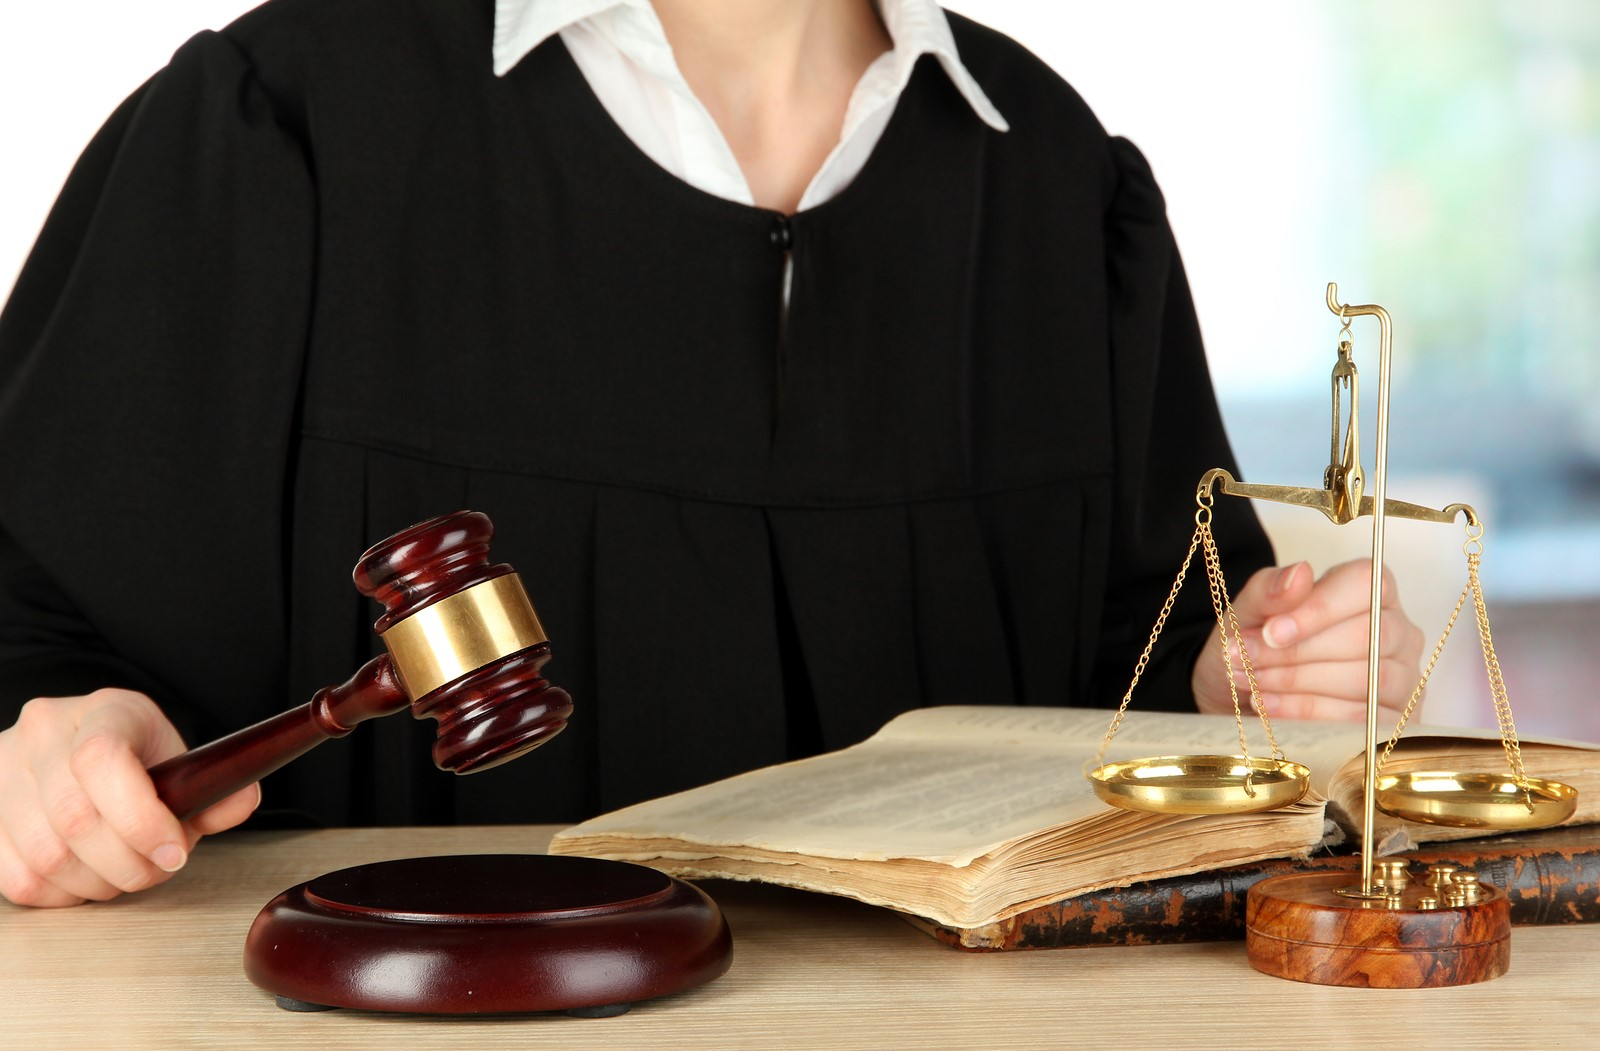 Судья может сидеть без мантии в уголовном деле